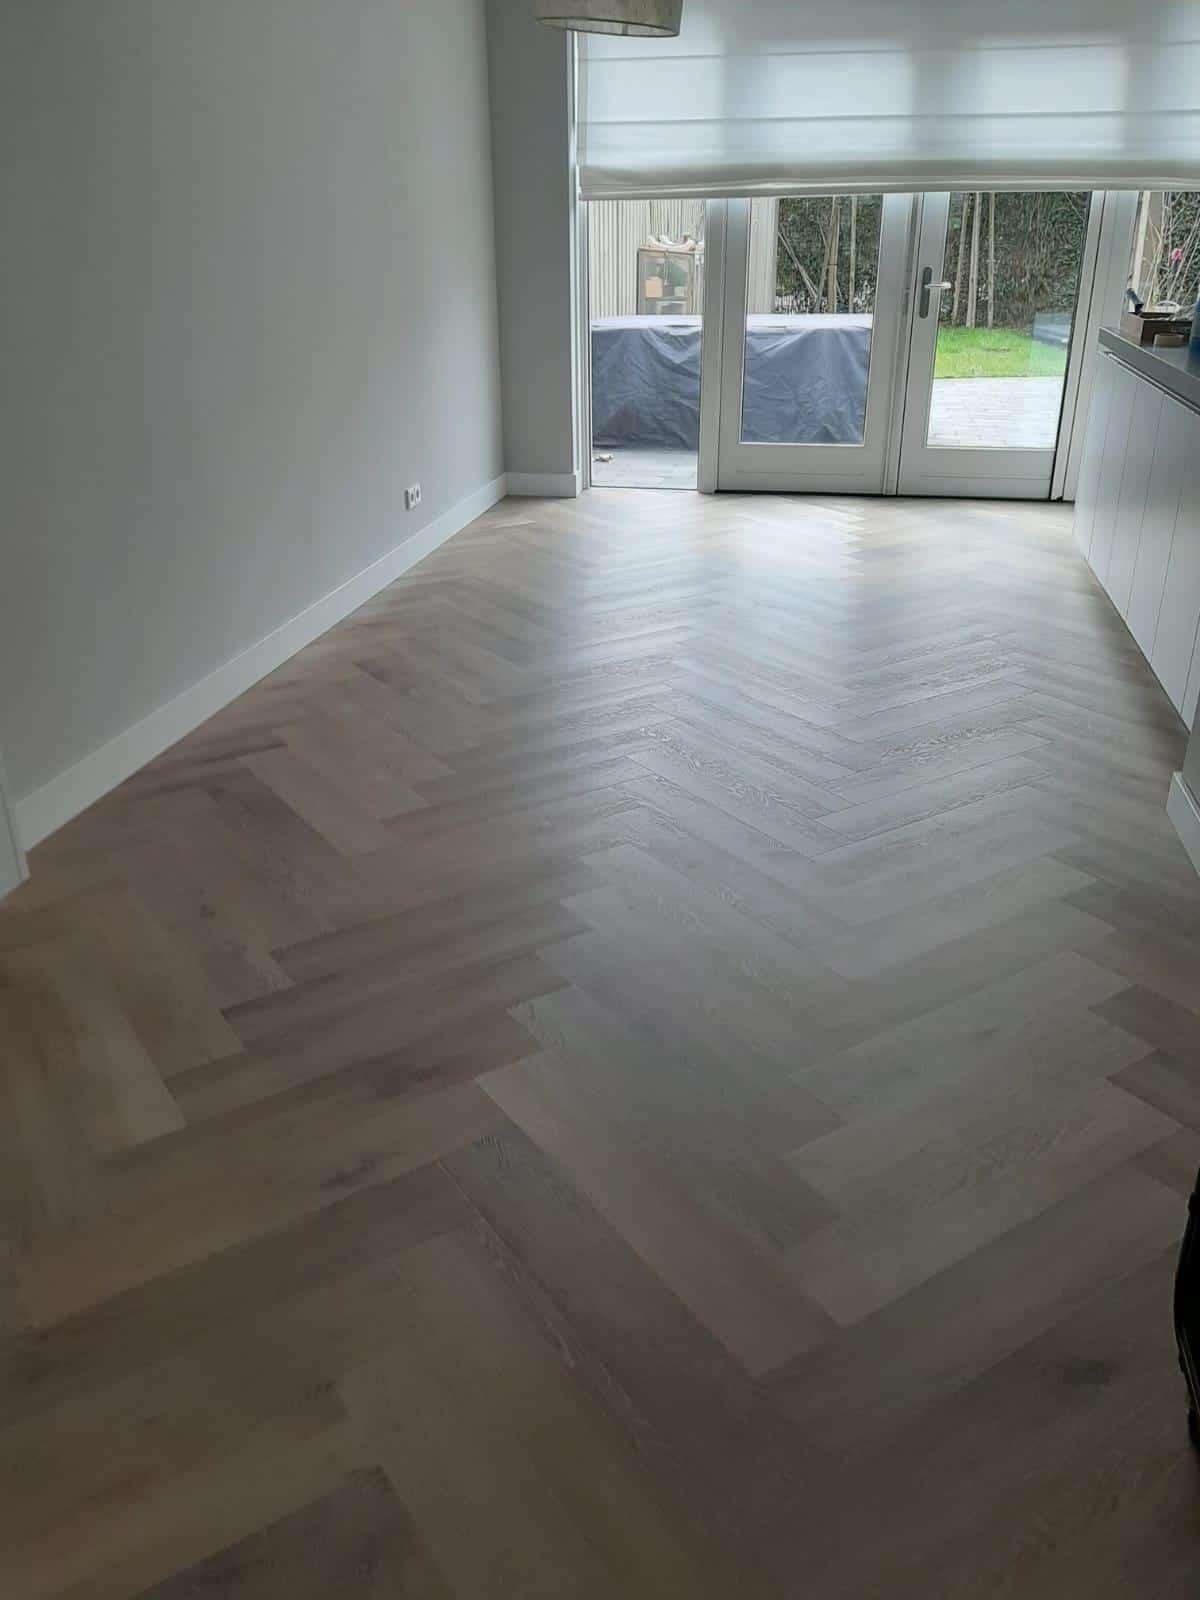 Visgraat vloer Odijk